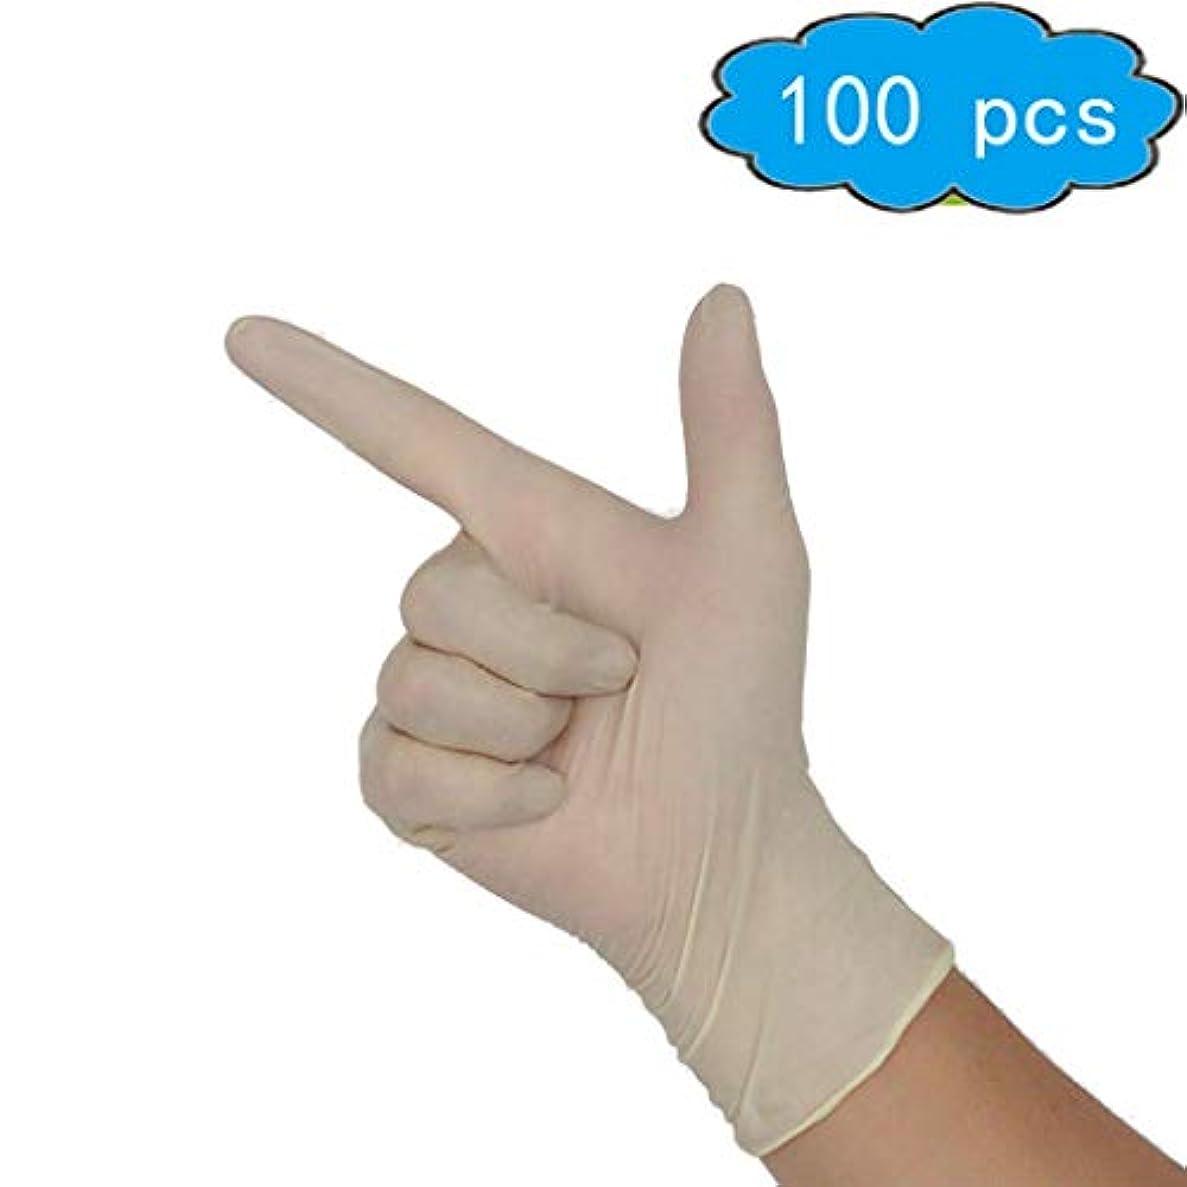 人気シソーラス一般的に使い捨てラテックス手袋、100箱、パウダーフリー、両手利き、超快適 (Color : Beige, Size : M)